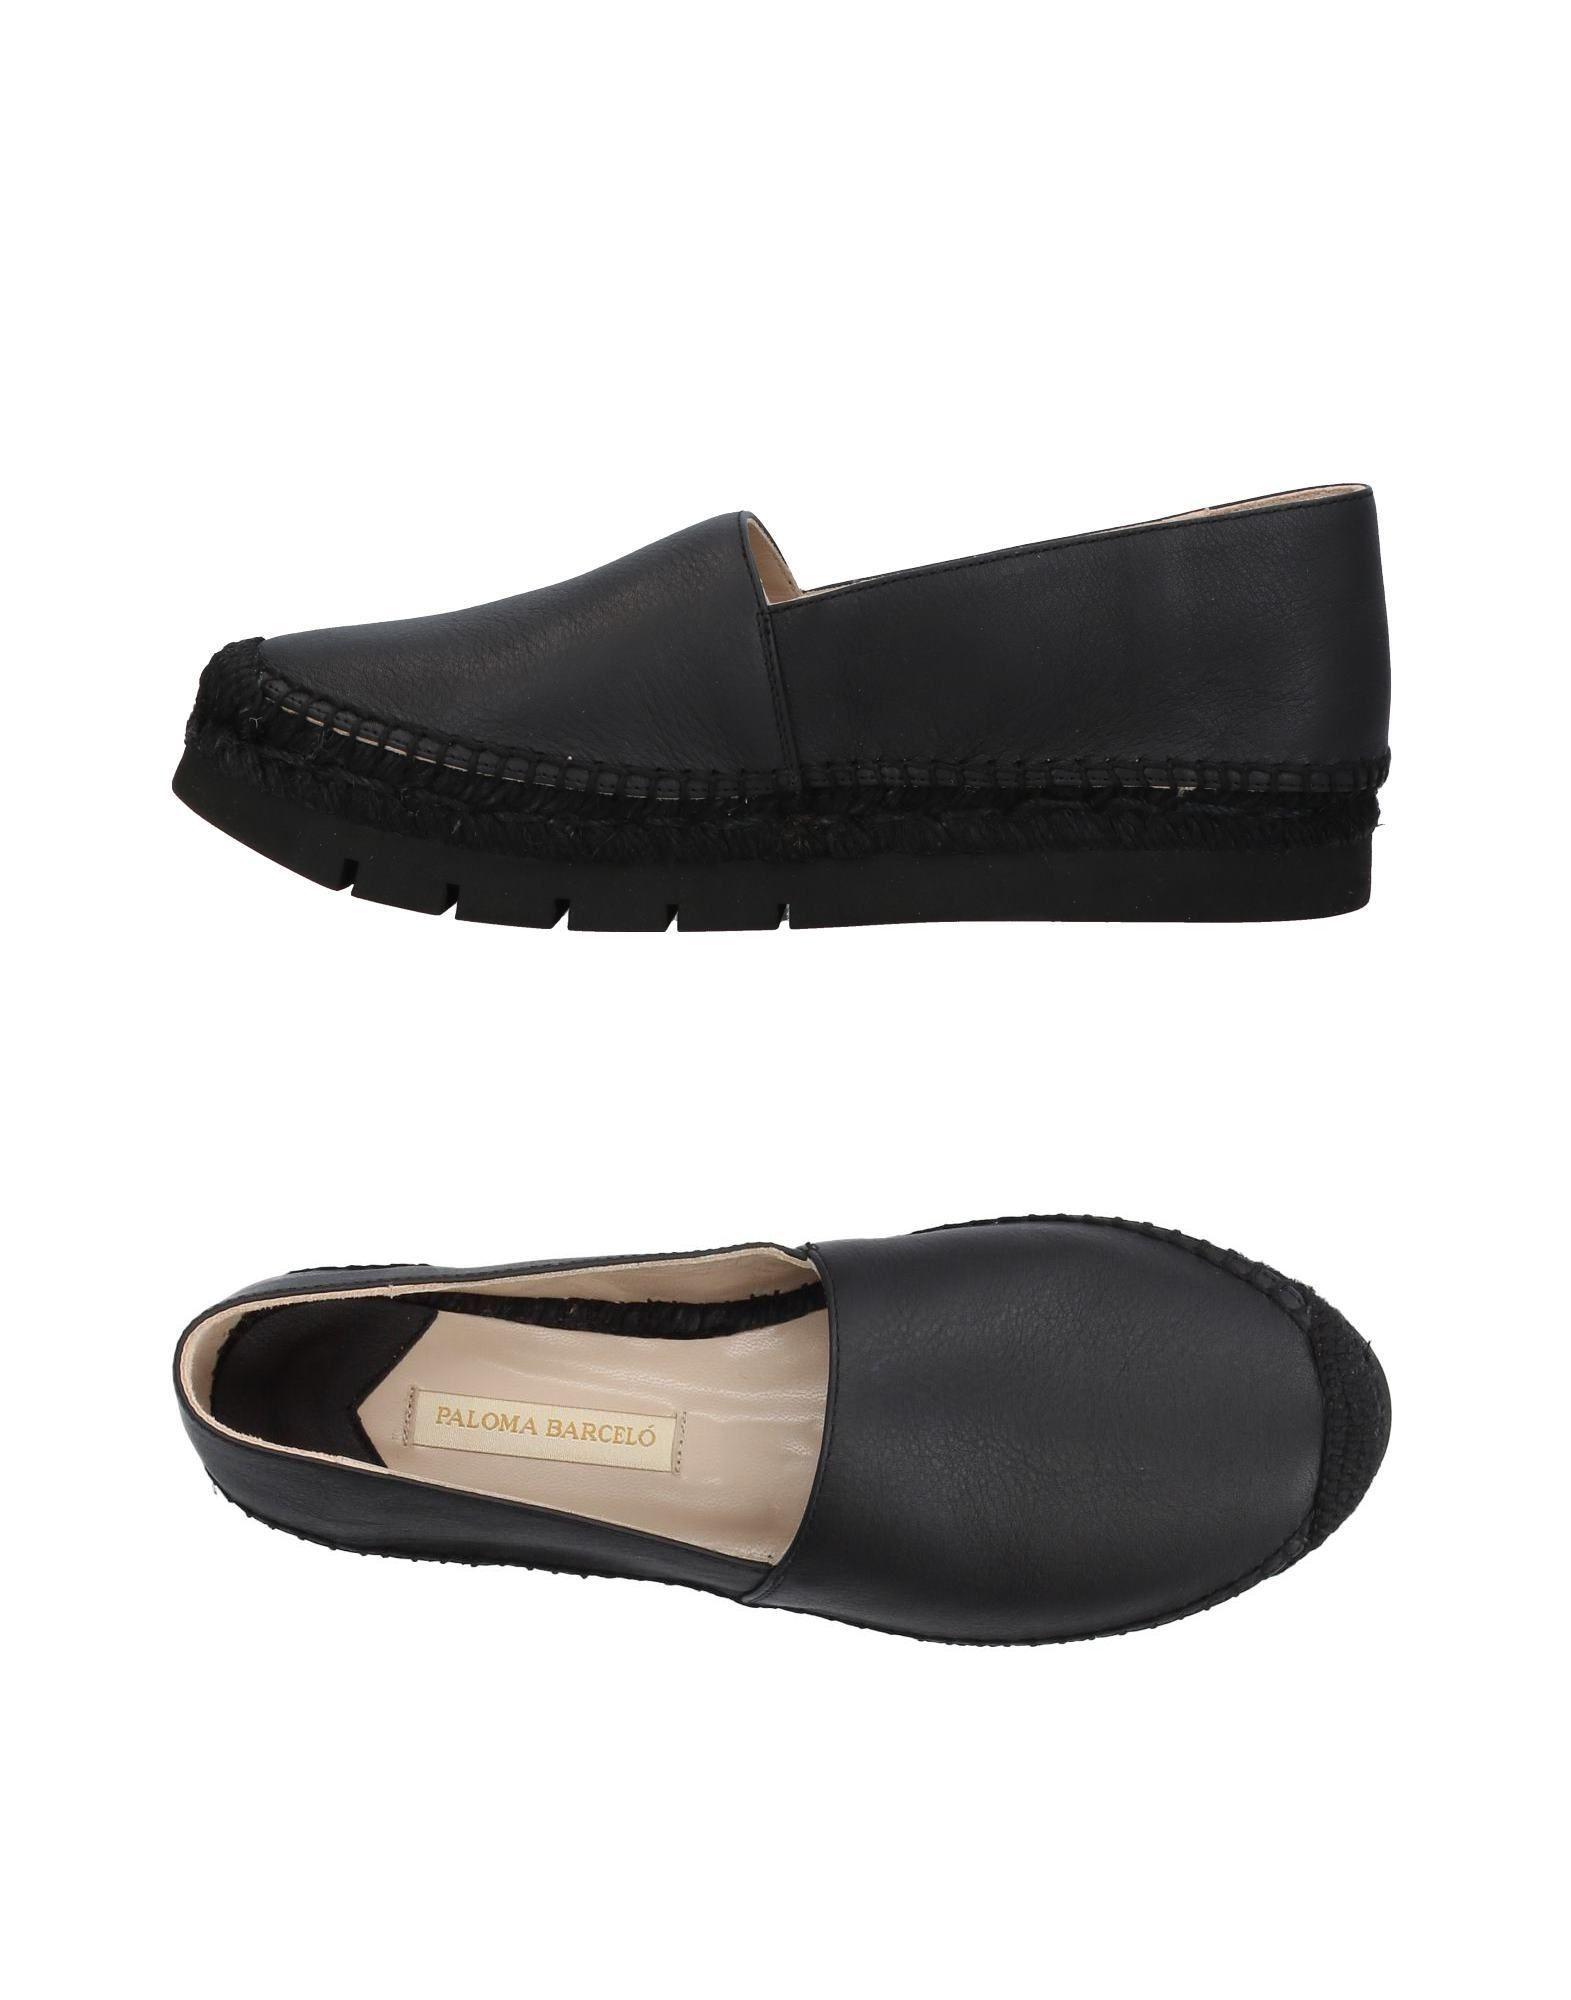 Paloma Barceló Black Leather Espadrilles